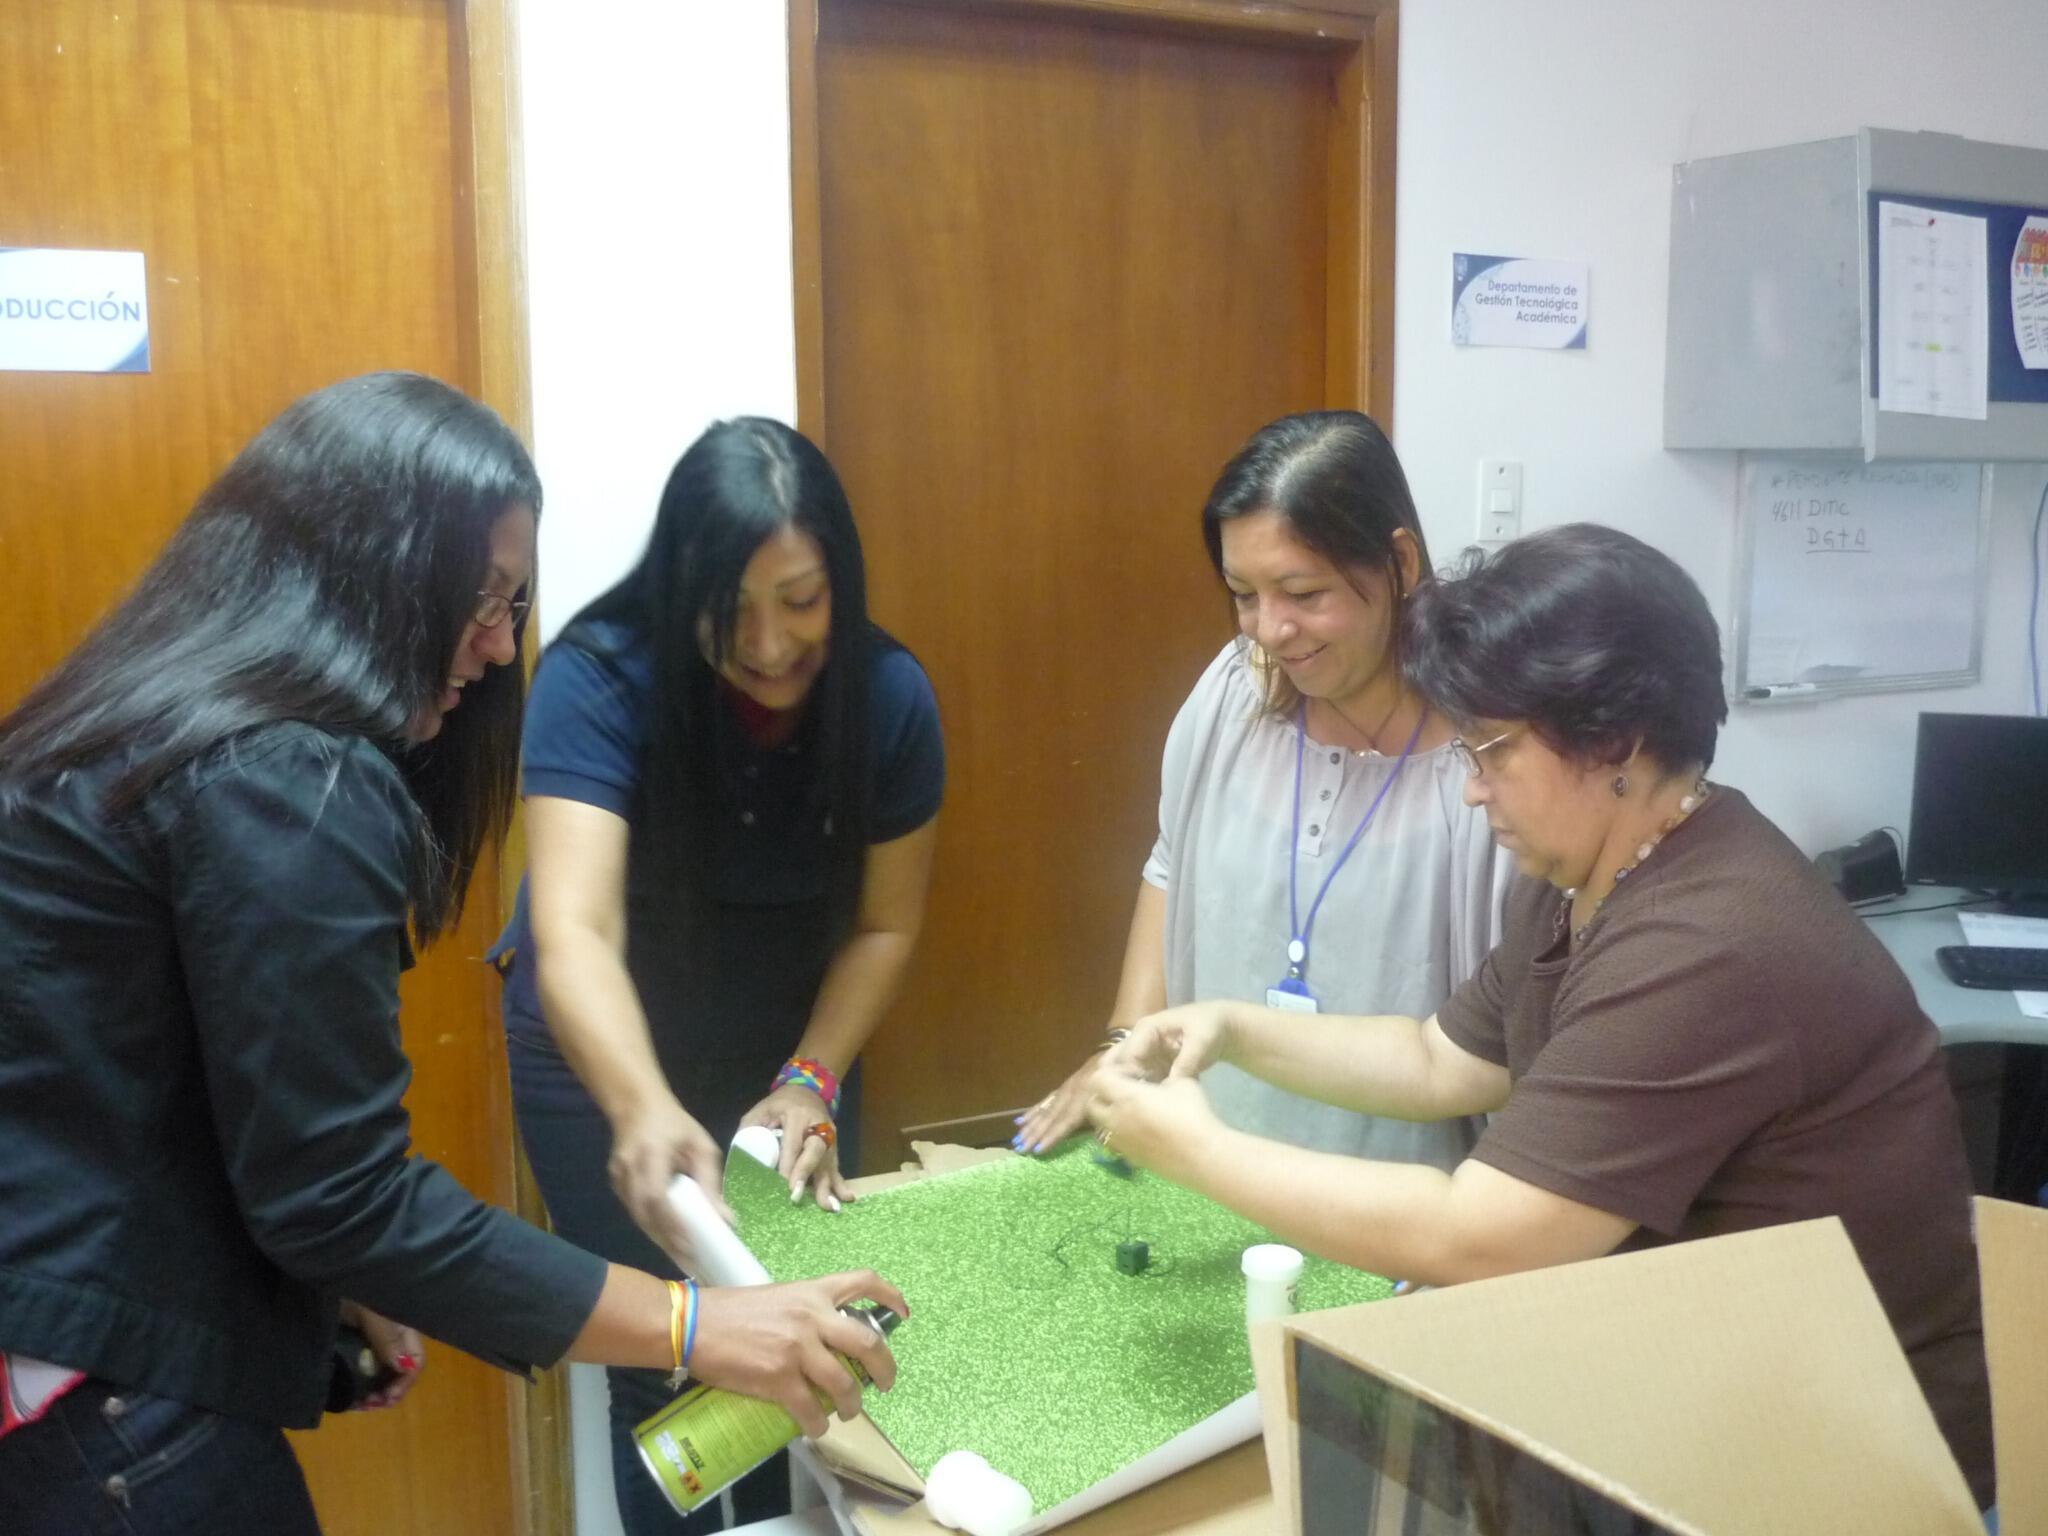 El personal del @SedLUZ trabajando juntos en nuestra Navidad Ecológica 2013 http://t.co/89XNFIDmIT